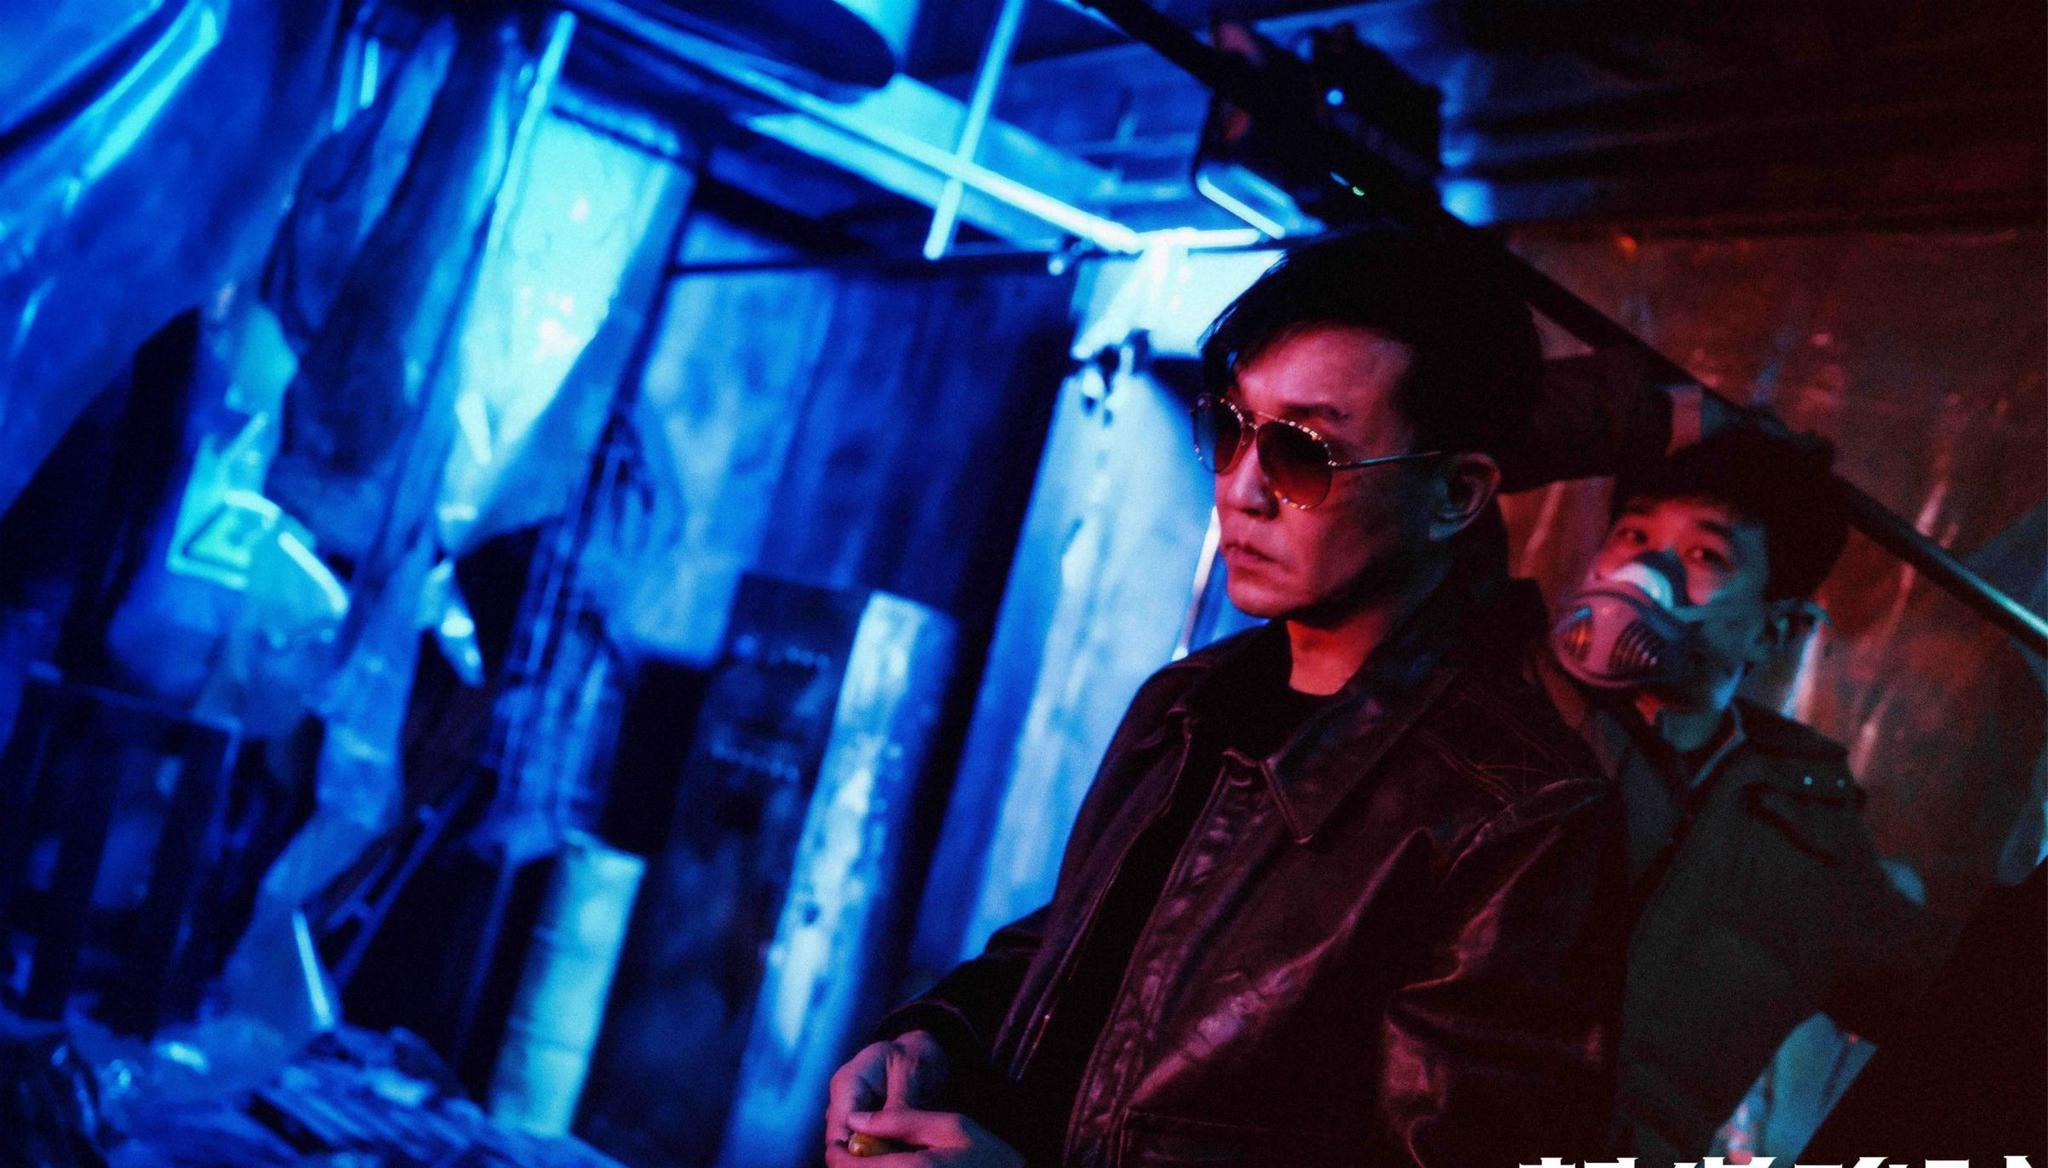 吴刚参演的电影杀青两年后终于安排上了,这次饰演的角色是个狠人